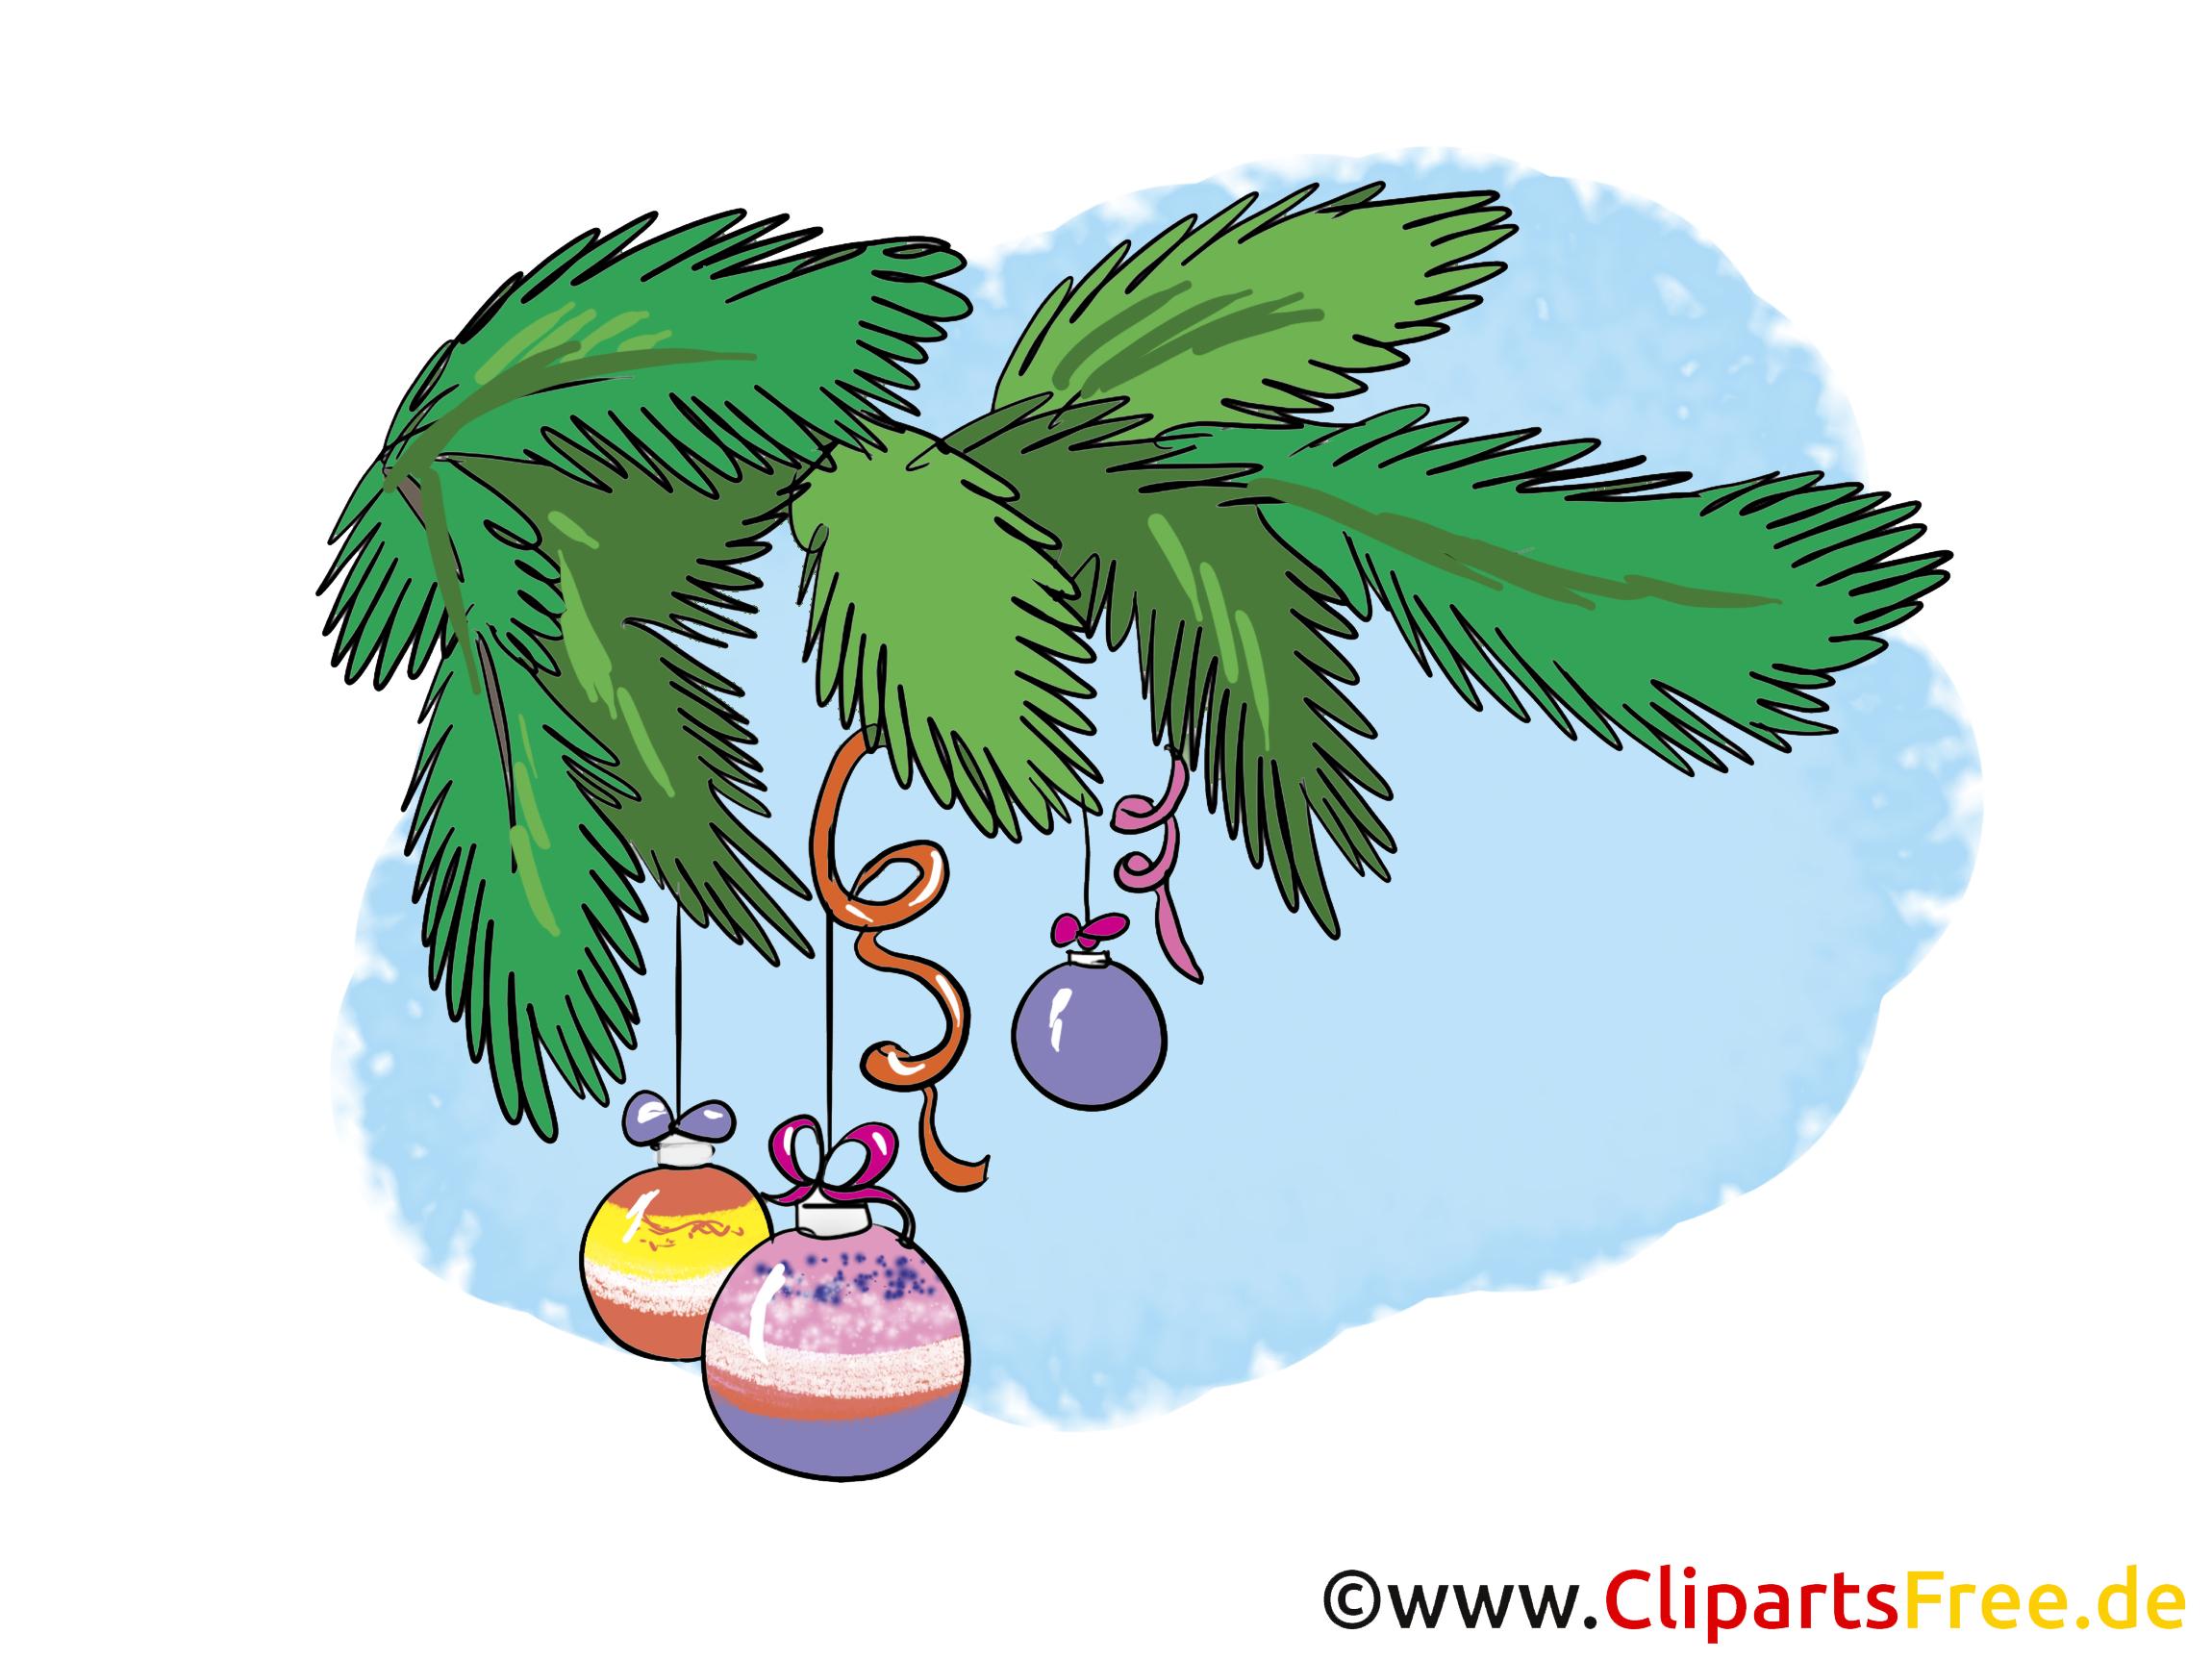 Kostenlose Cliparts Weihnachten Und Silvester in Cliparts Weihnachtsmotive Kostenlos